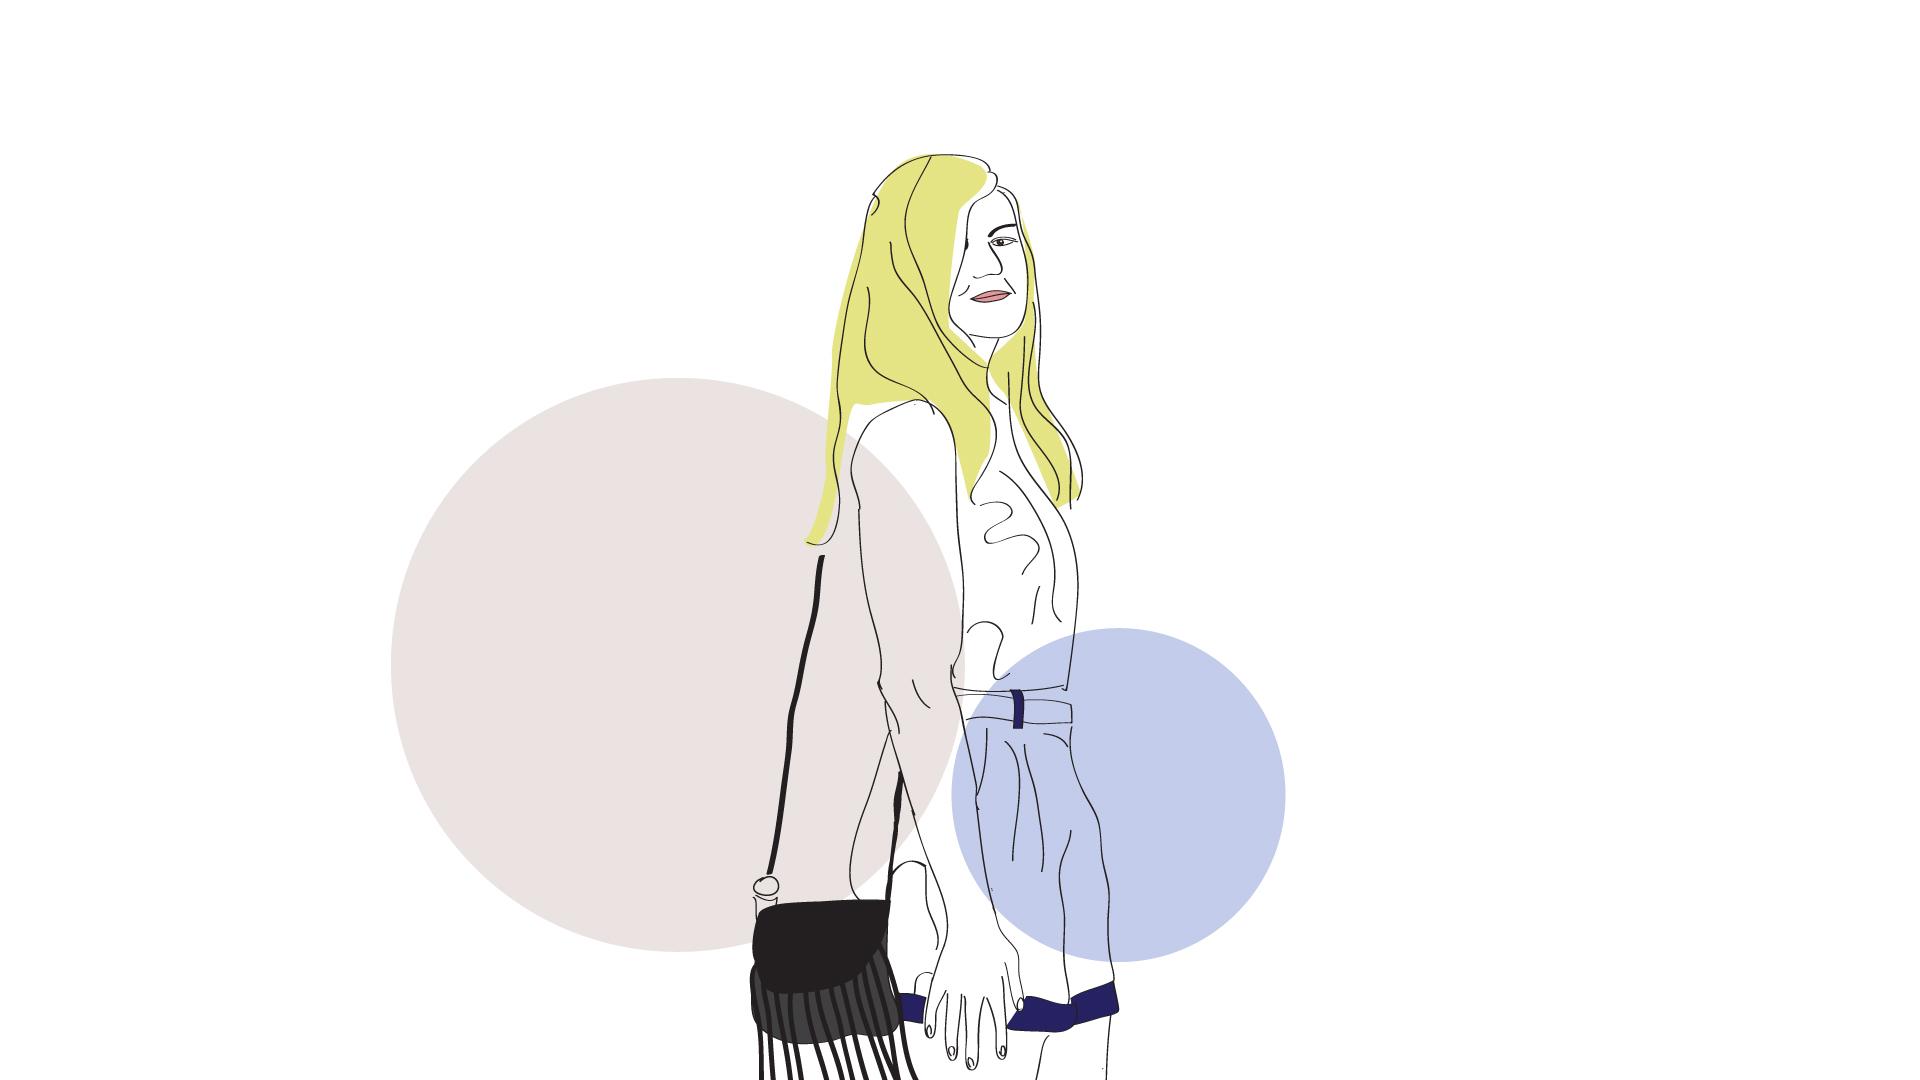 moda i styl 2 - 10 myśli o modzie i stylu